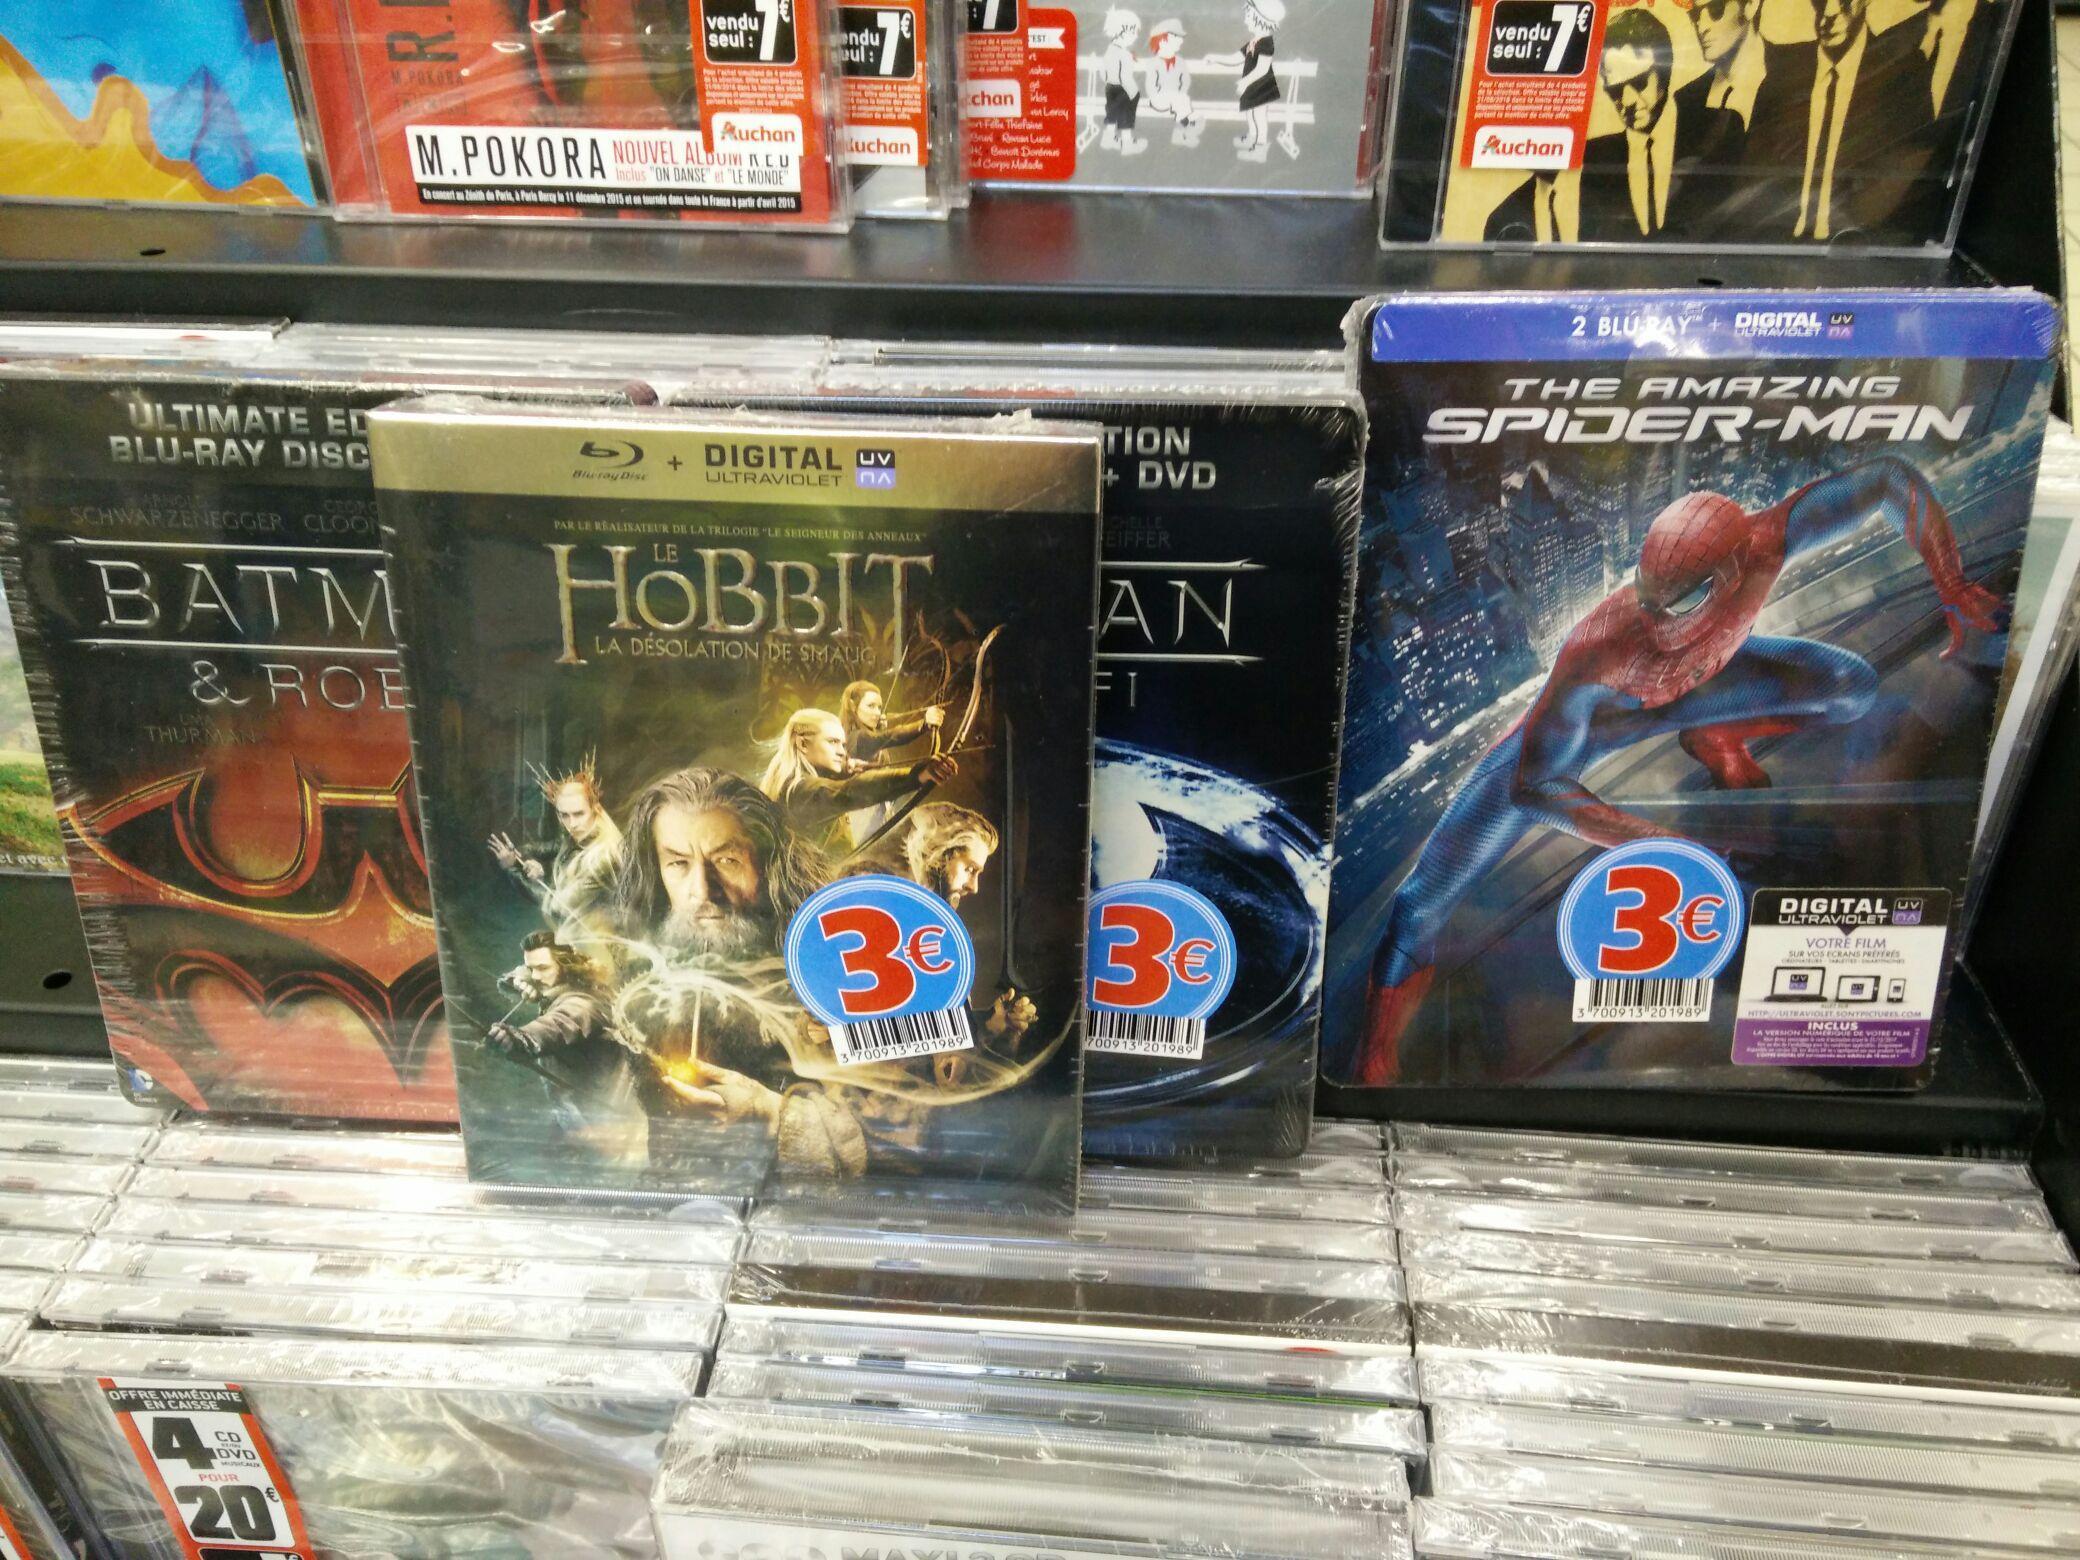 Sélection de Blu-ray (The Amazing Spider-Man, Le Hobbit La Désolation de Smaug...)